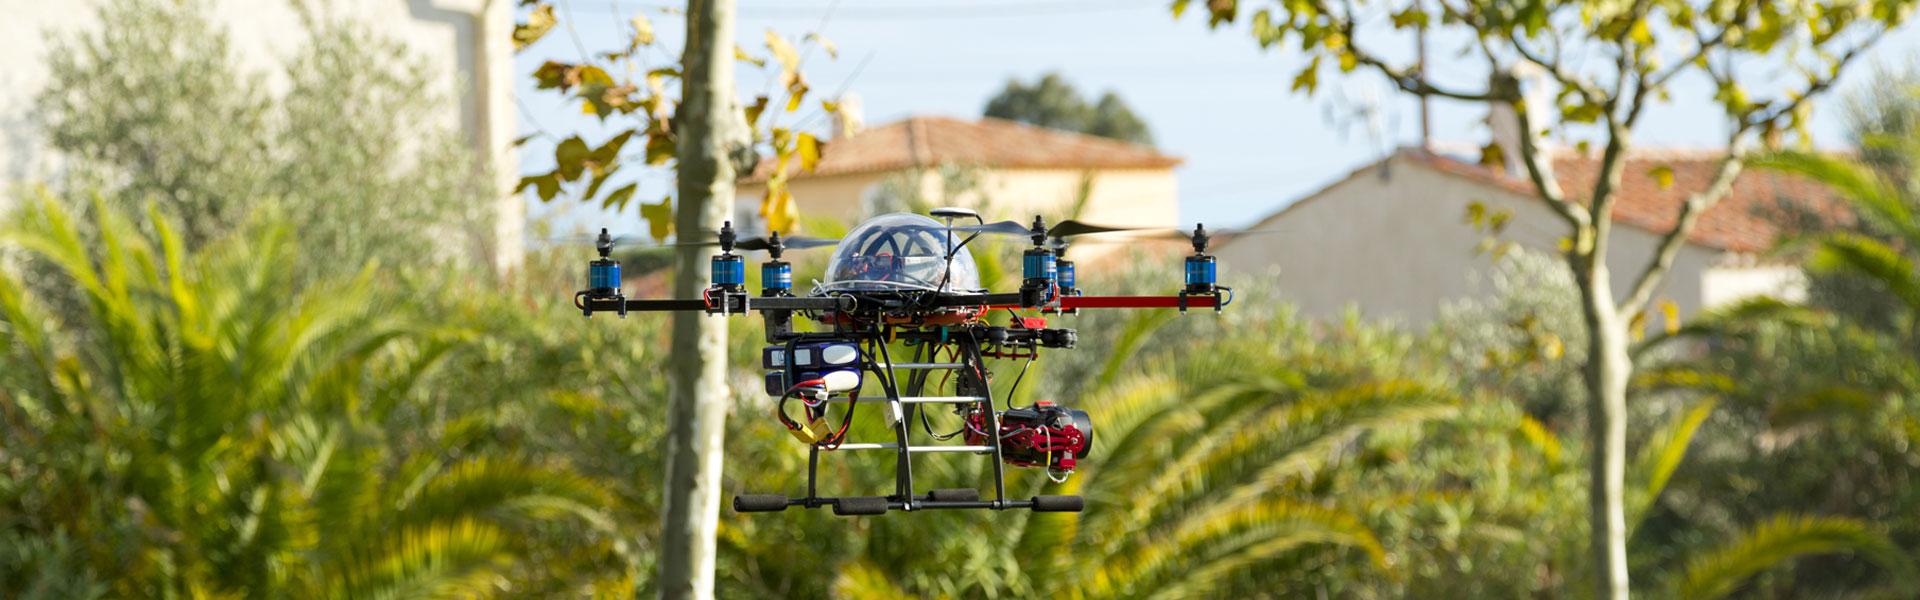 Palmeraie filmée par un drone dans le Var à Fréjus